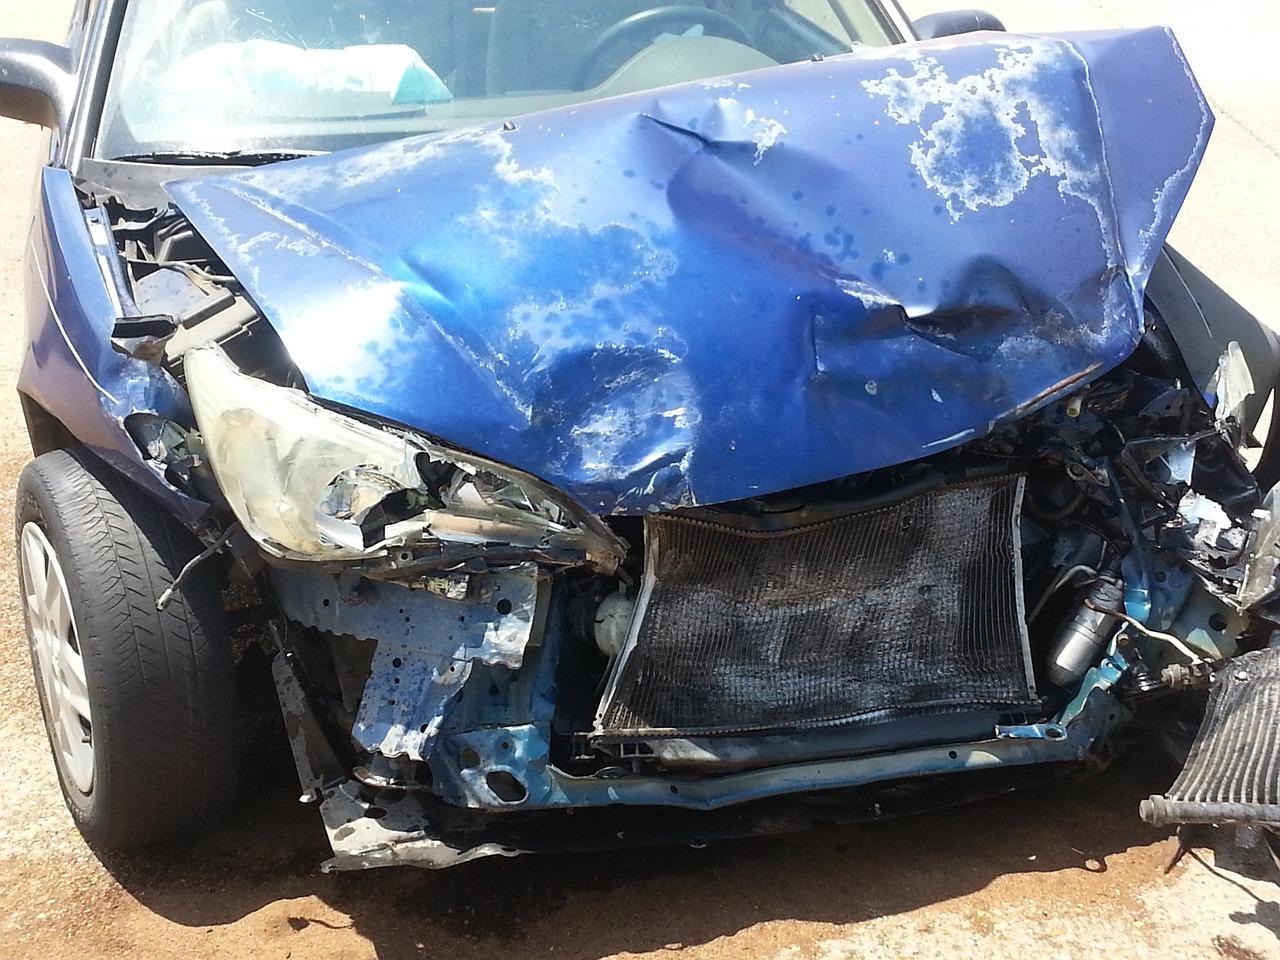 accident-641456_1280